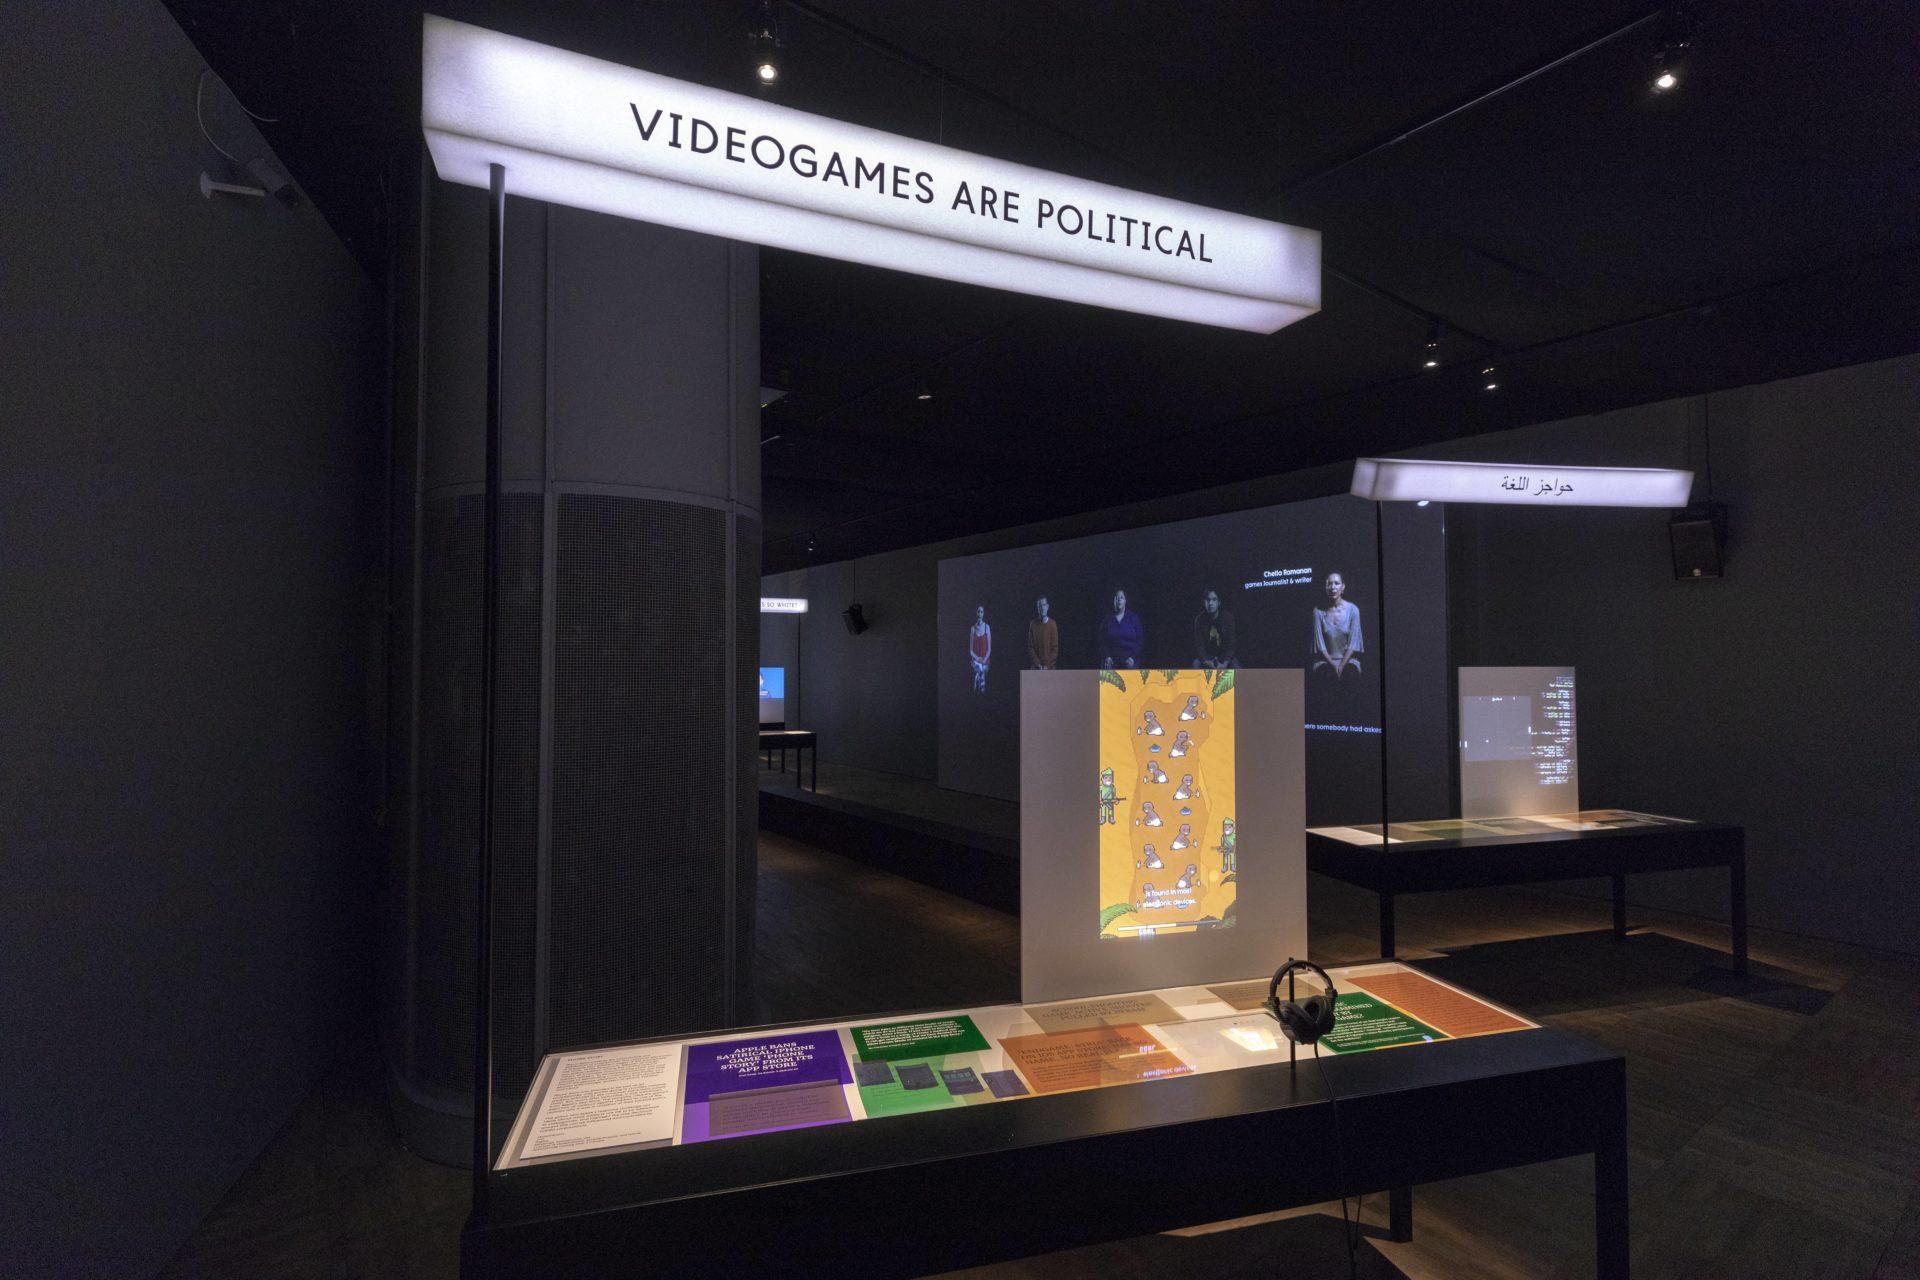 展覽中的「干擾」(Disrupt)子題探討電子遊戲與當代社會的關係,展示近年涉及種族、兩性與地緣政治議題的多款遊戲。